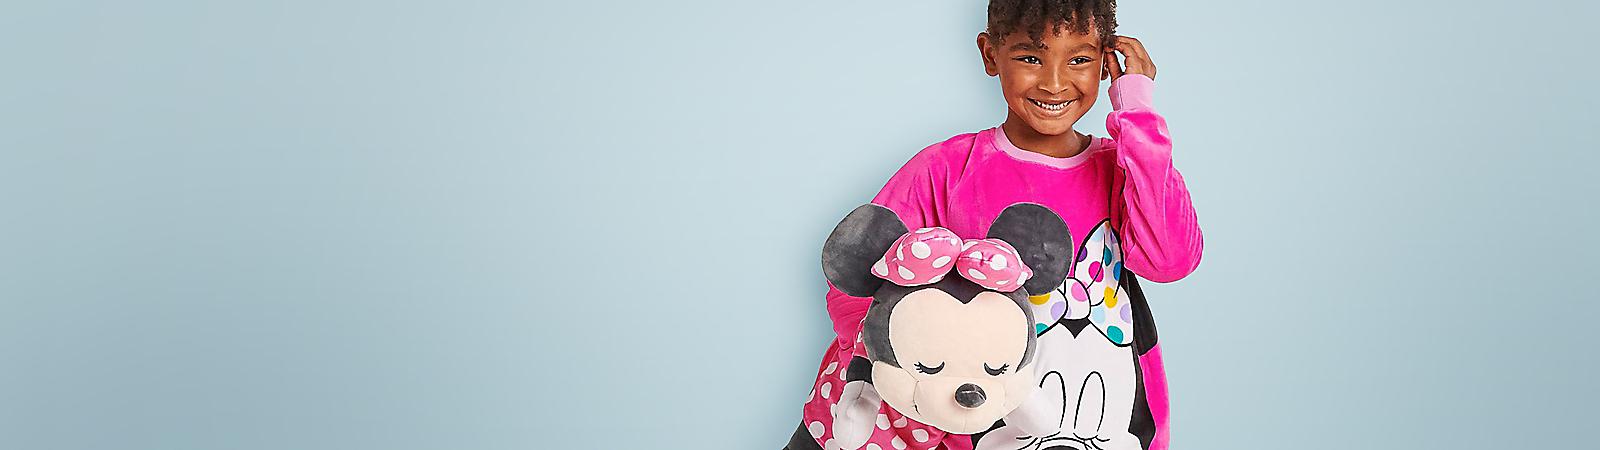 Bambi Flower Thumper Plush Doll Hug /& Smile Disney Store Japan